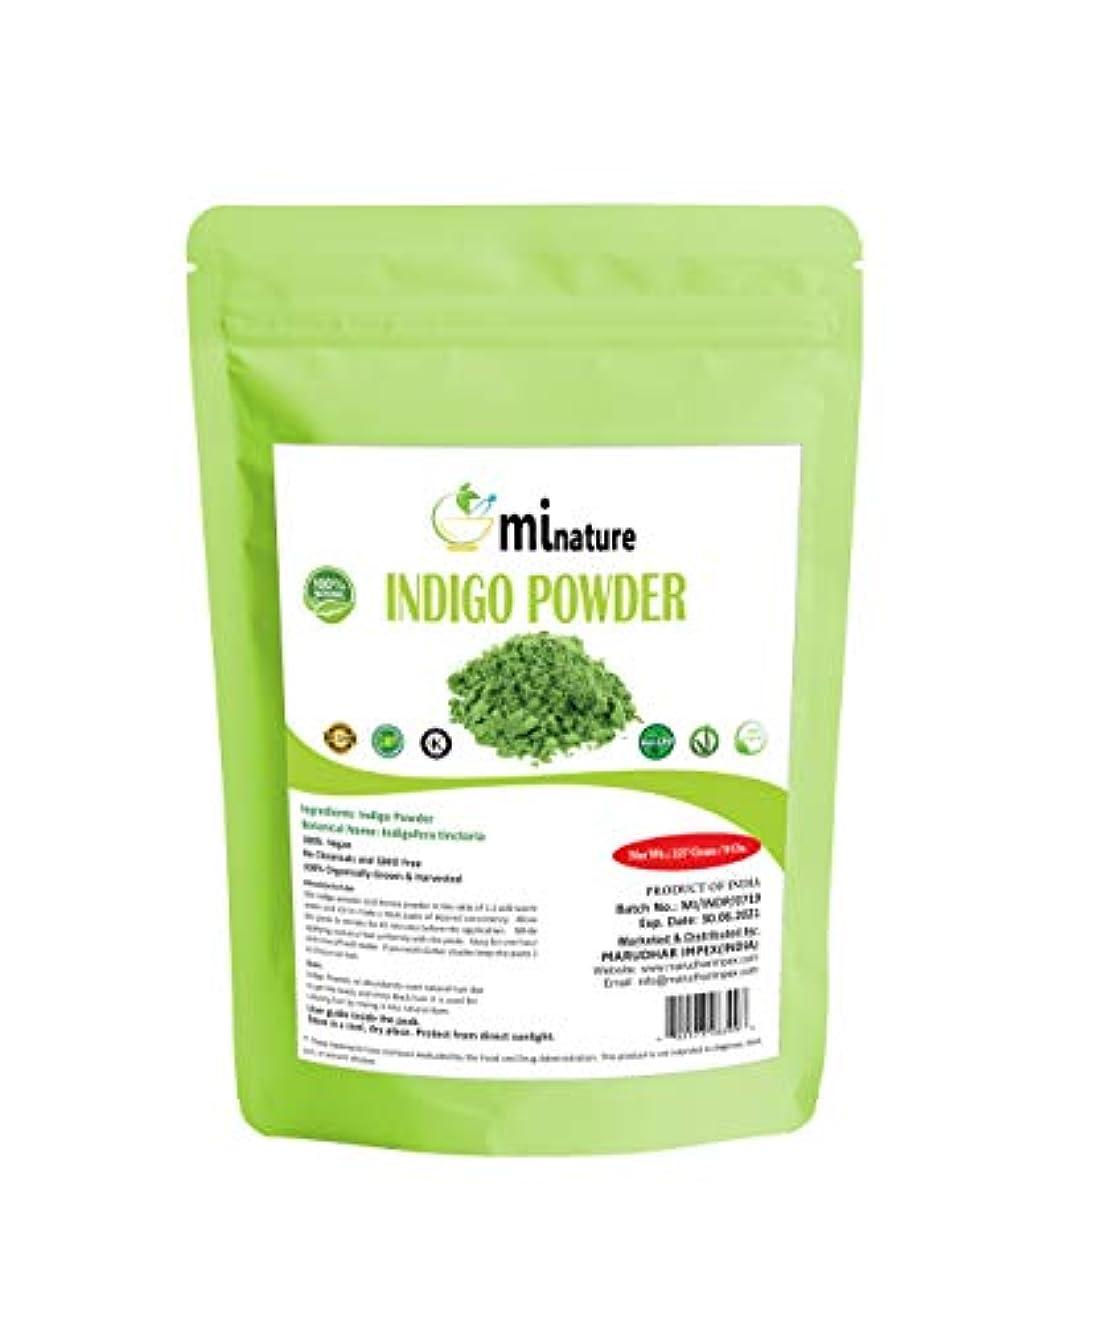 から聞くサイレント木材mi nature Indigo Powder -INDIGOFERA TINCTORIA ,(100% NATURAL , ORGANICALLY GROWN ) 1/2 LB (227 grams) RESEALABLE...